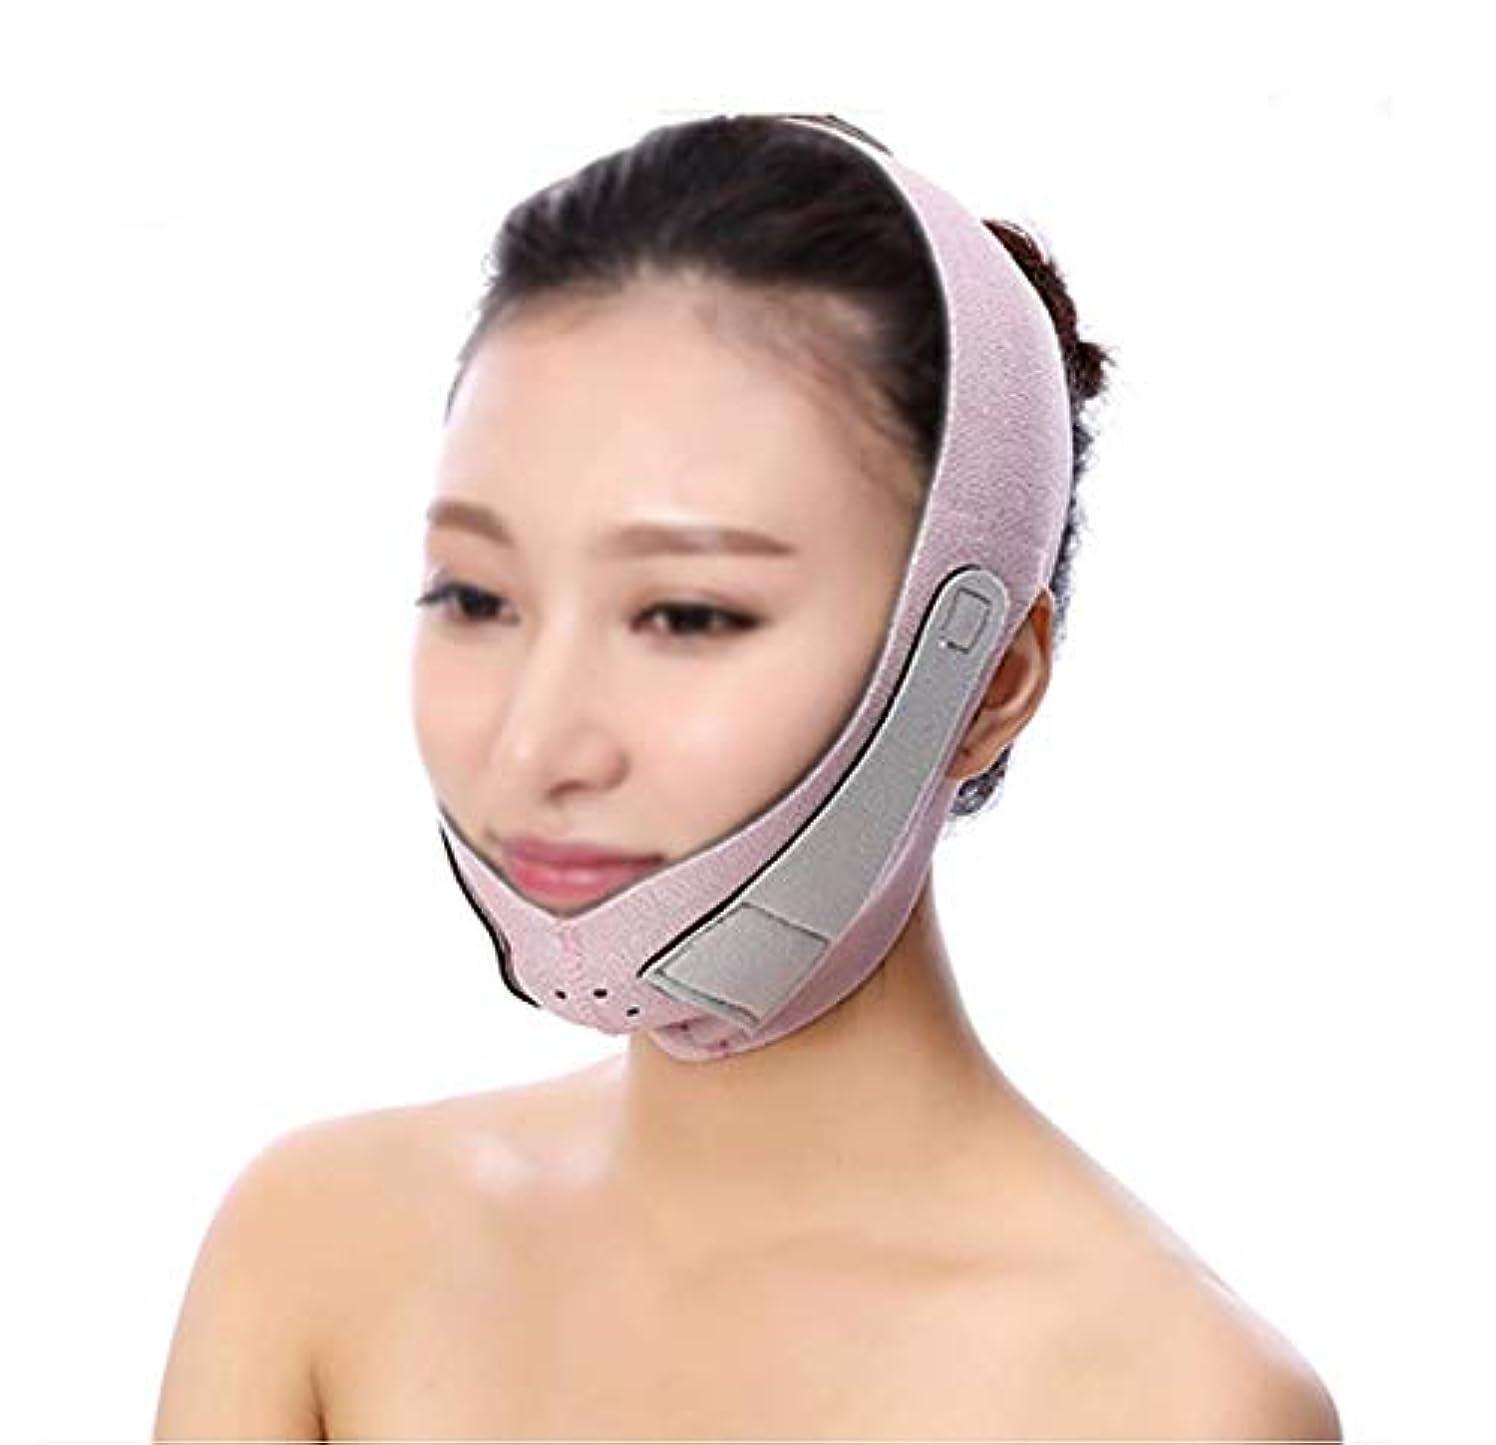 つかいます程度モノグラフ薄い顔の包帯スモールVフェイスアーティファクト男性と女性フェイスリフトアーティファクト強力なアップグレードスモールVフェイスマスクフェイスマッサージャーローラーバンデージダブルチン日本(色:A)